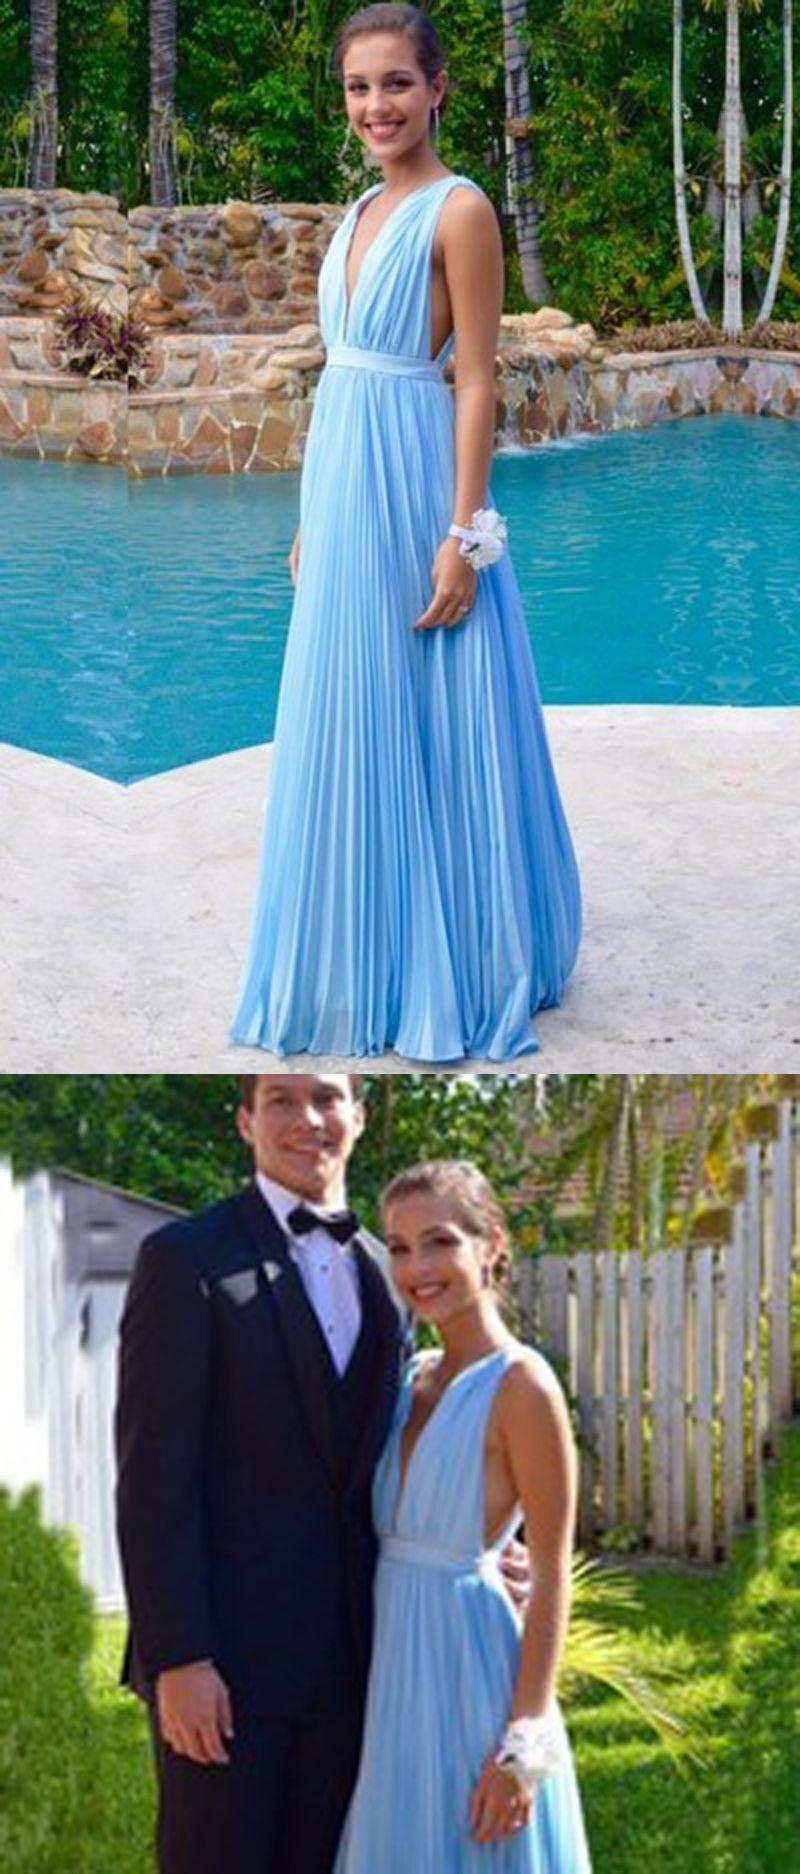 Vneck charming prom dresseslong evening dressesprom dresses on